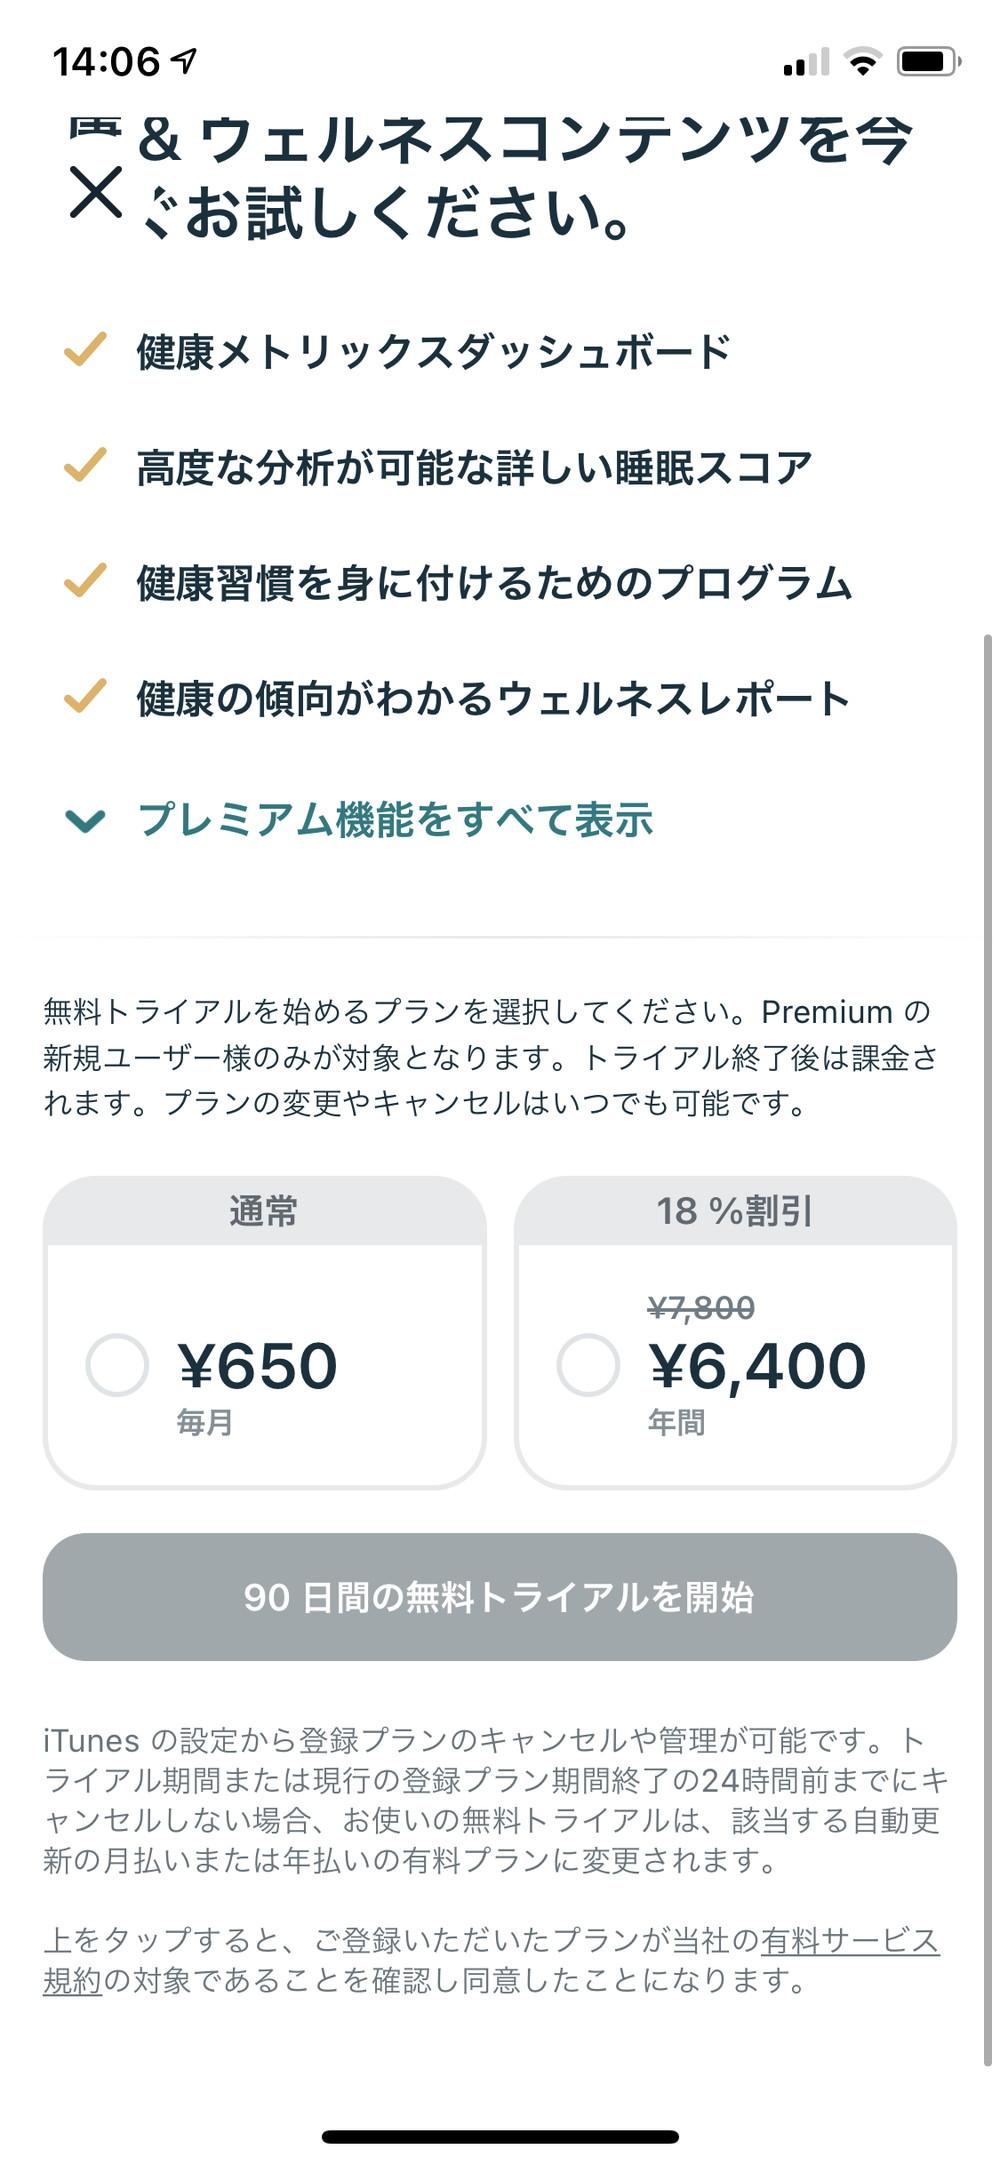 Fitbit 無料トライアル後の課金方法